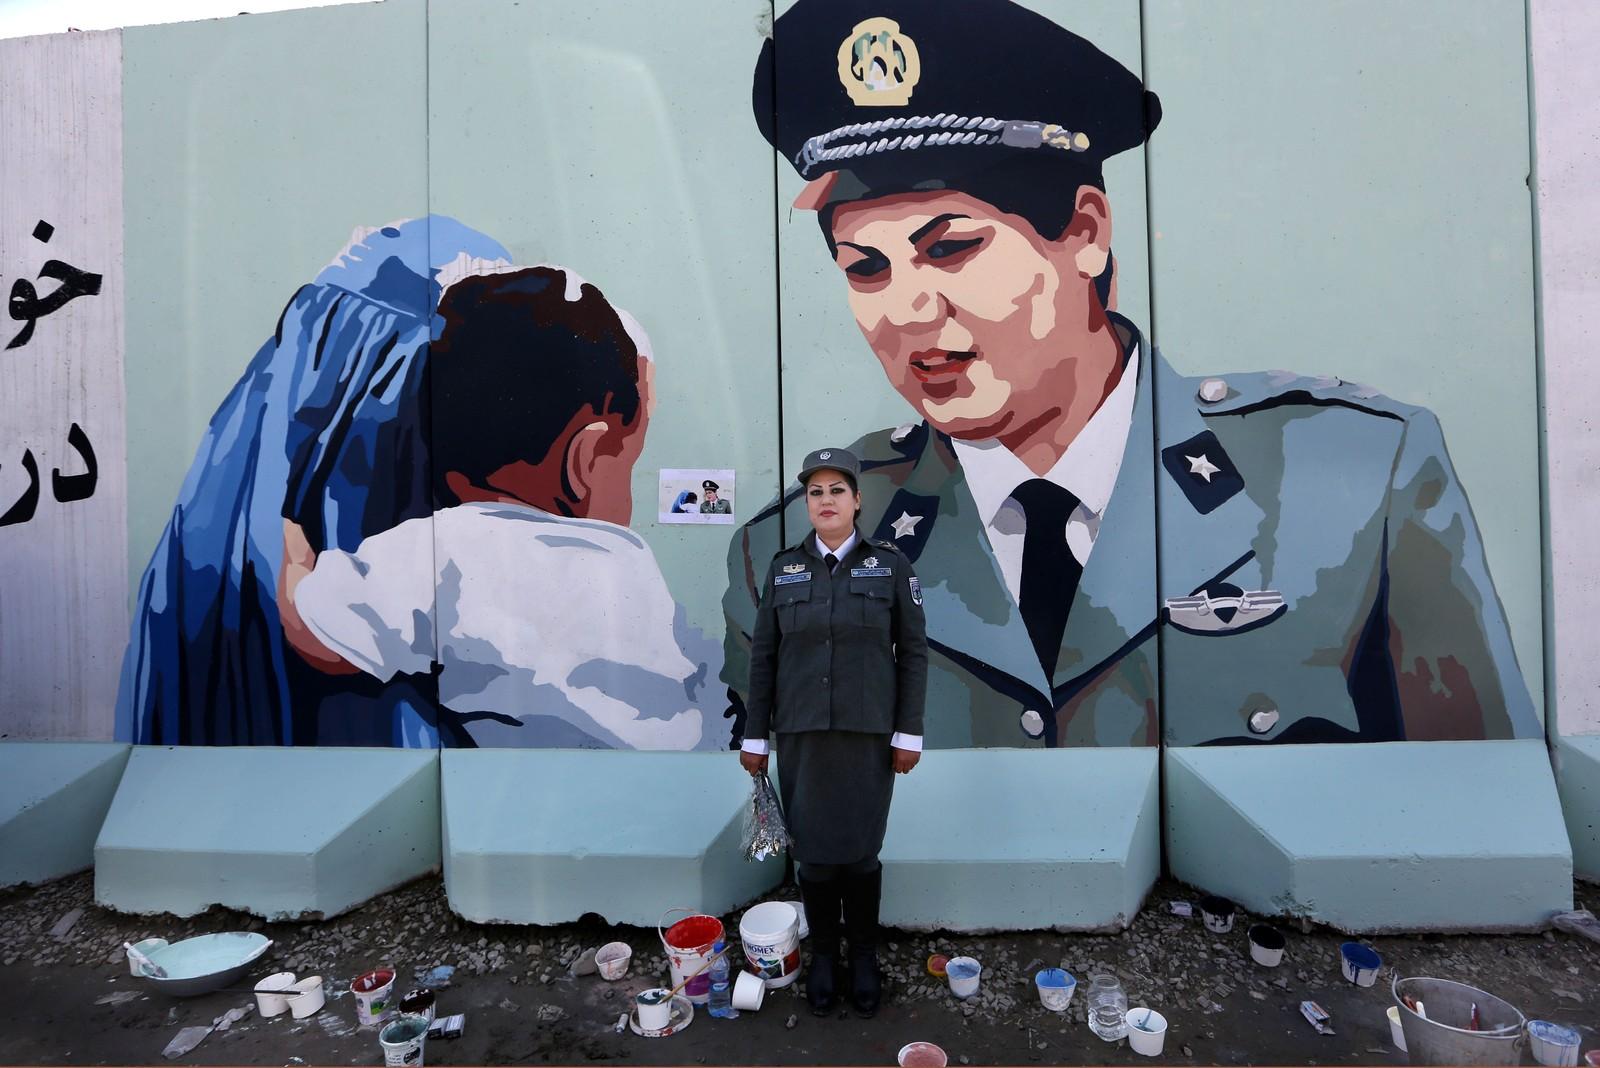 AFGHANISTAN: Friba Hameed (30) jobber som politi i Kabul i Afghanistan. Her står hun foran et portrett av henne selv, malt av en uavhengig artist utenfor politihuset.